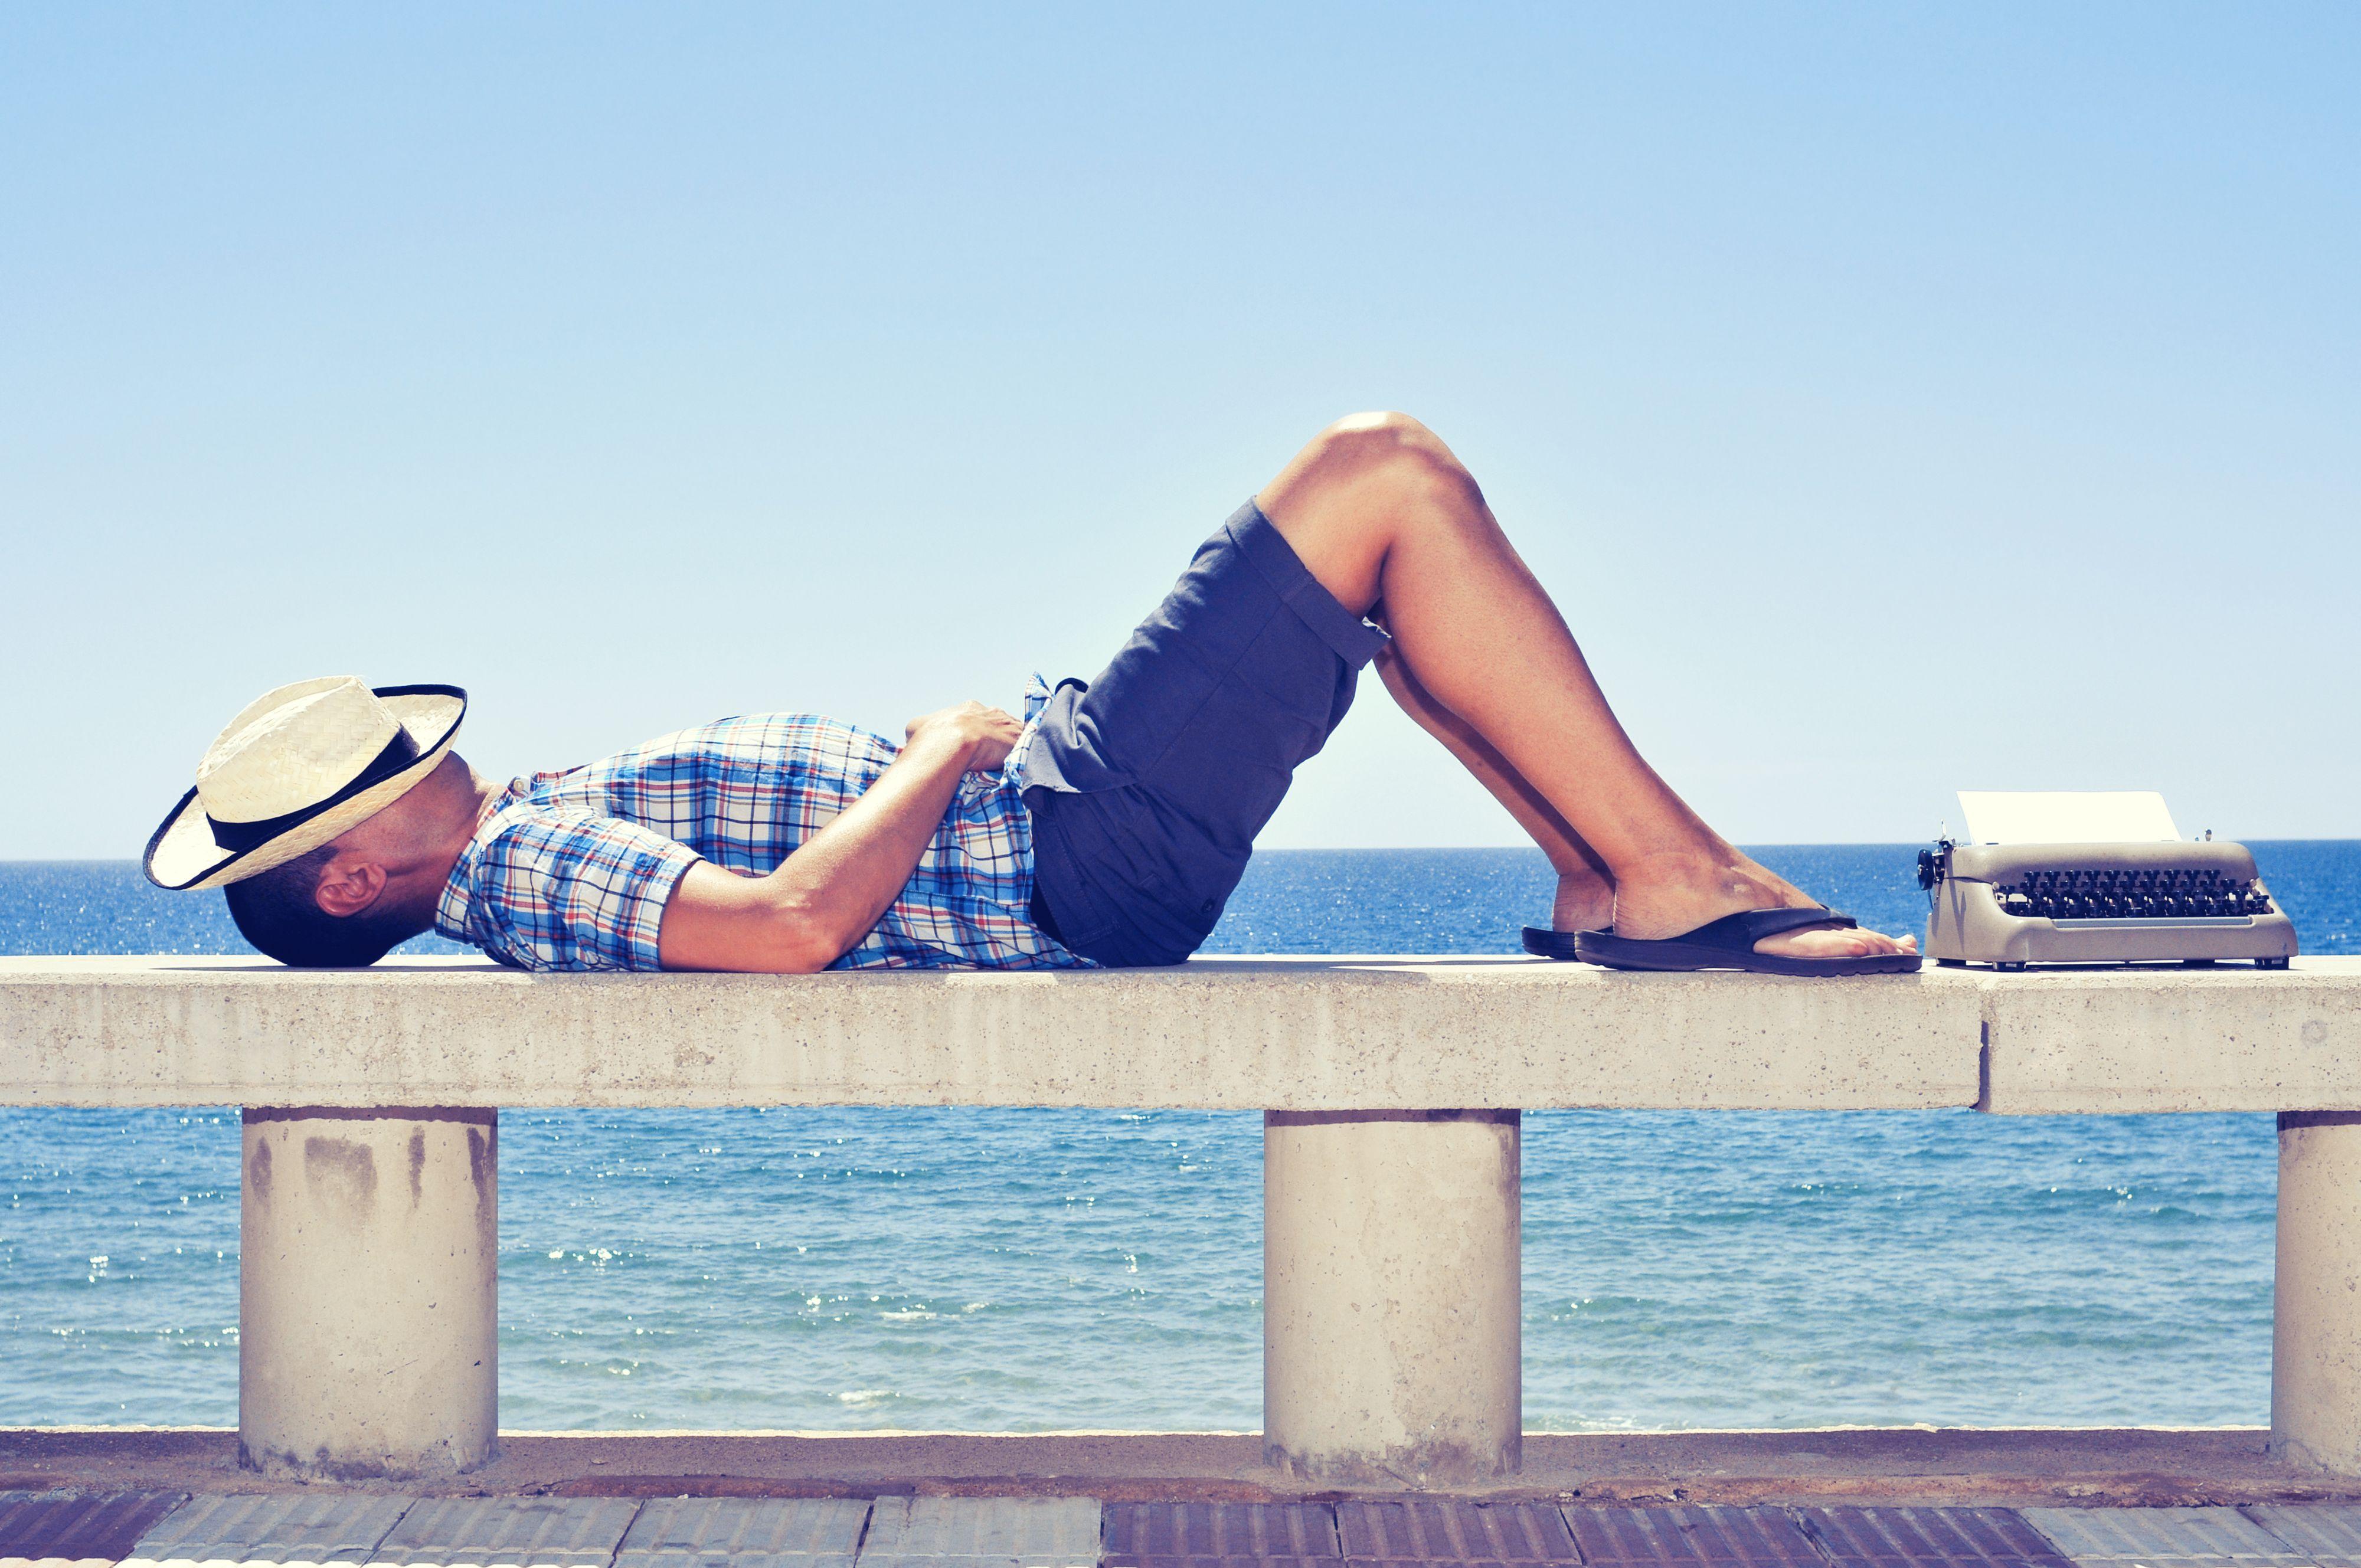 Jeden na dziesięciu pracodawców deklaruje również, że pula dni urlopowych dla pracowników jest większa niż przewidziana w Kodeksie pracy (Fot. Shutterstock)